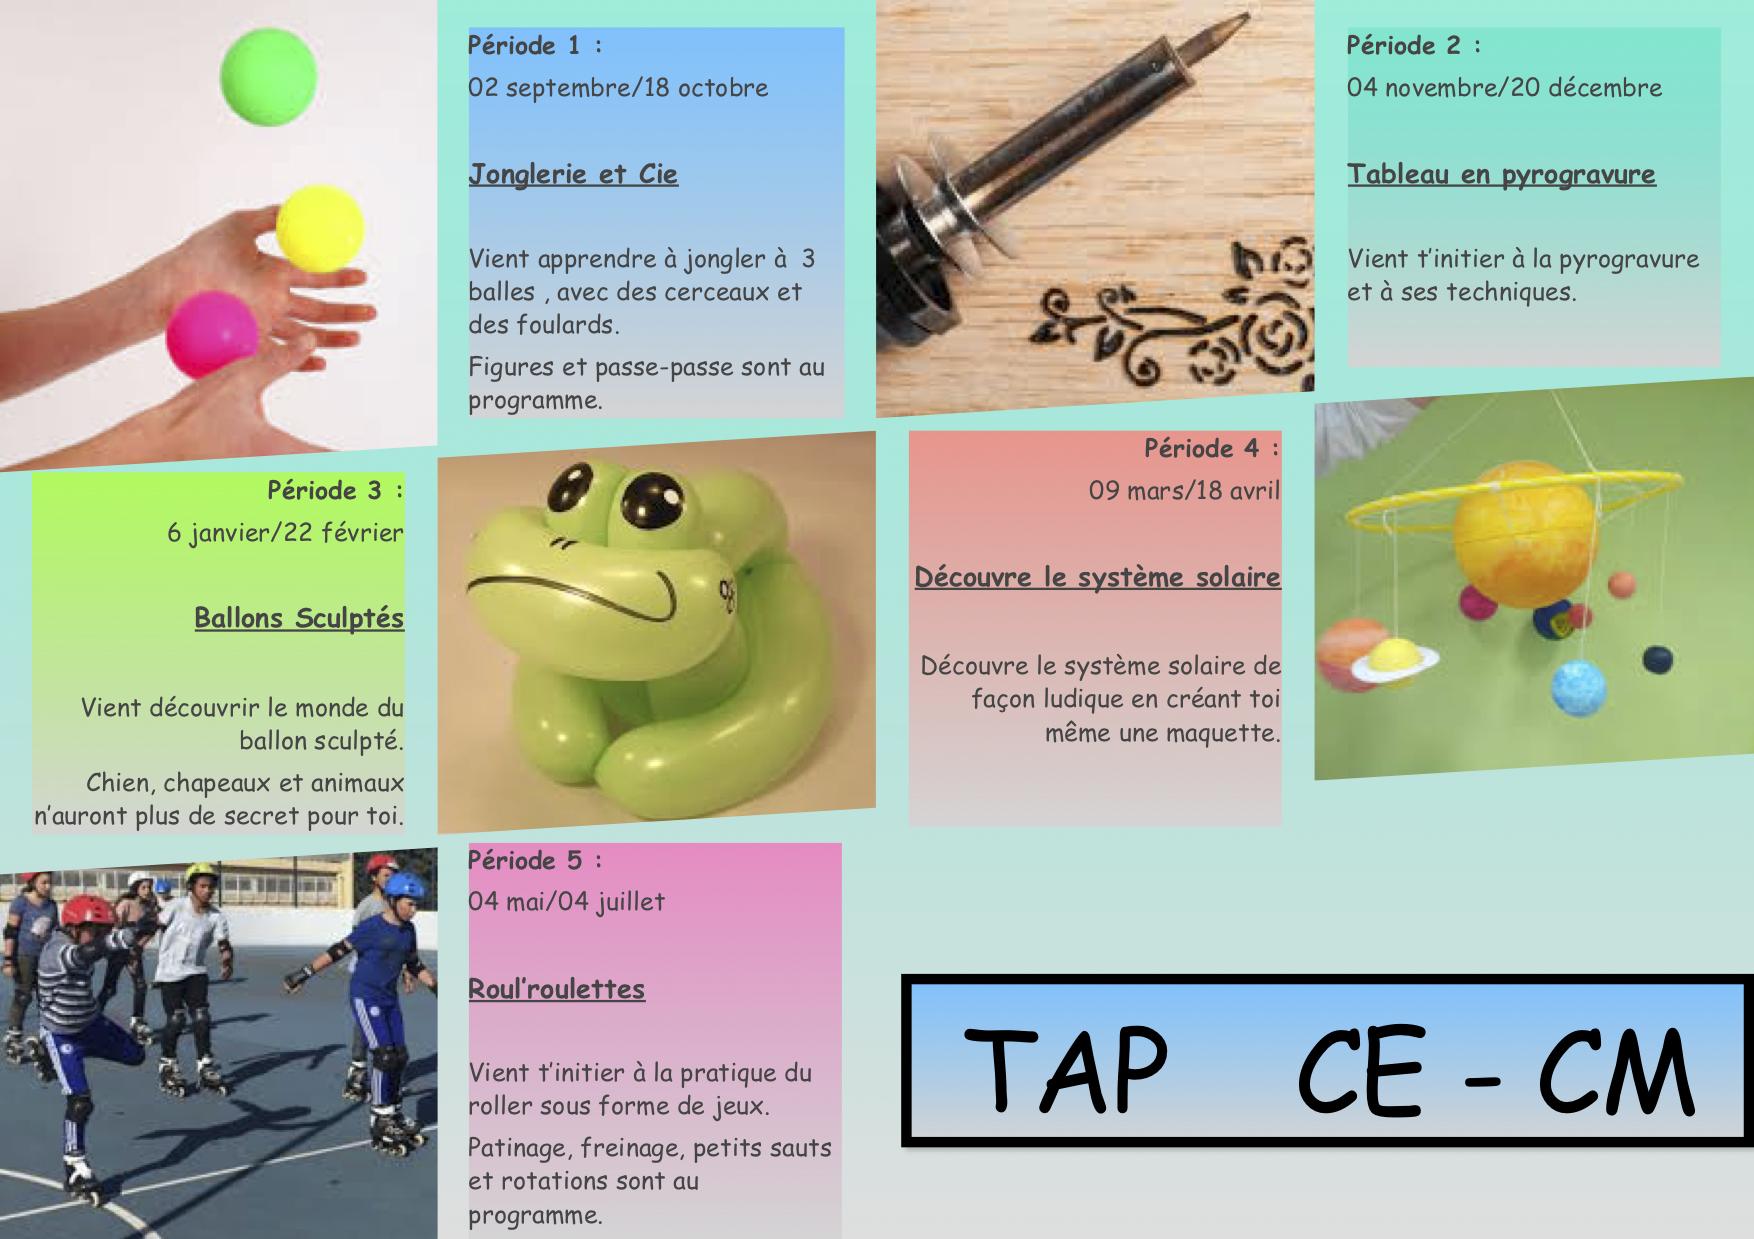 TAP CE-CM Julien2